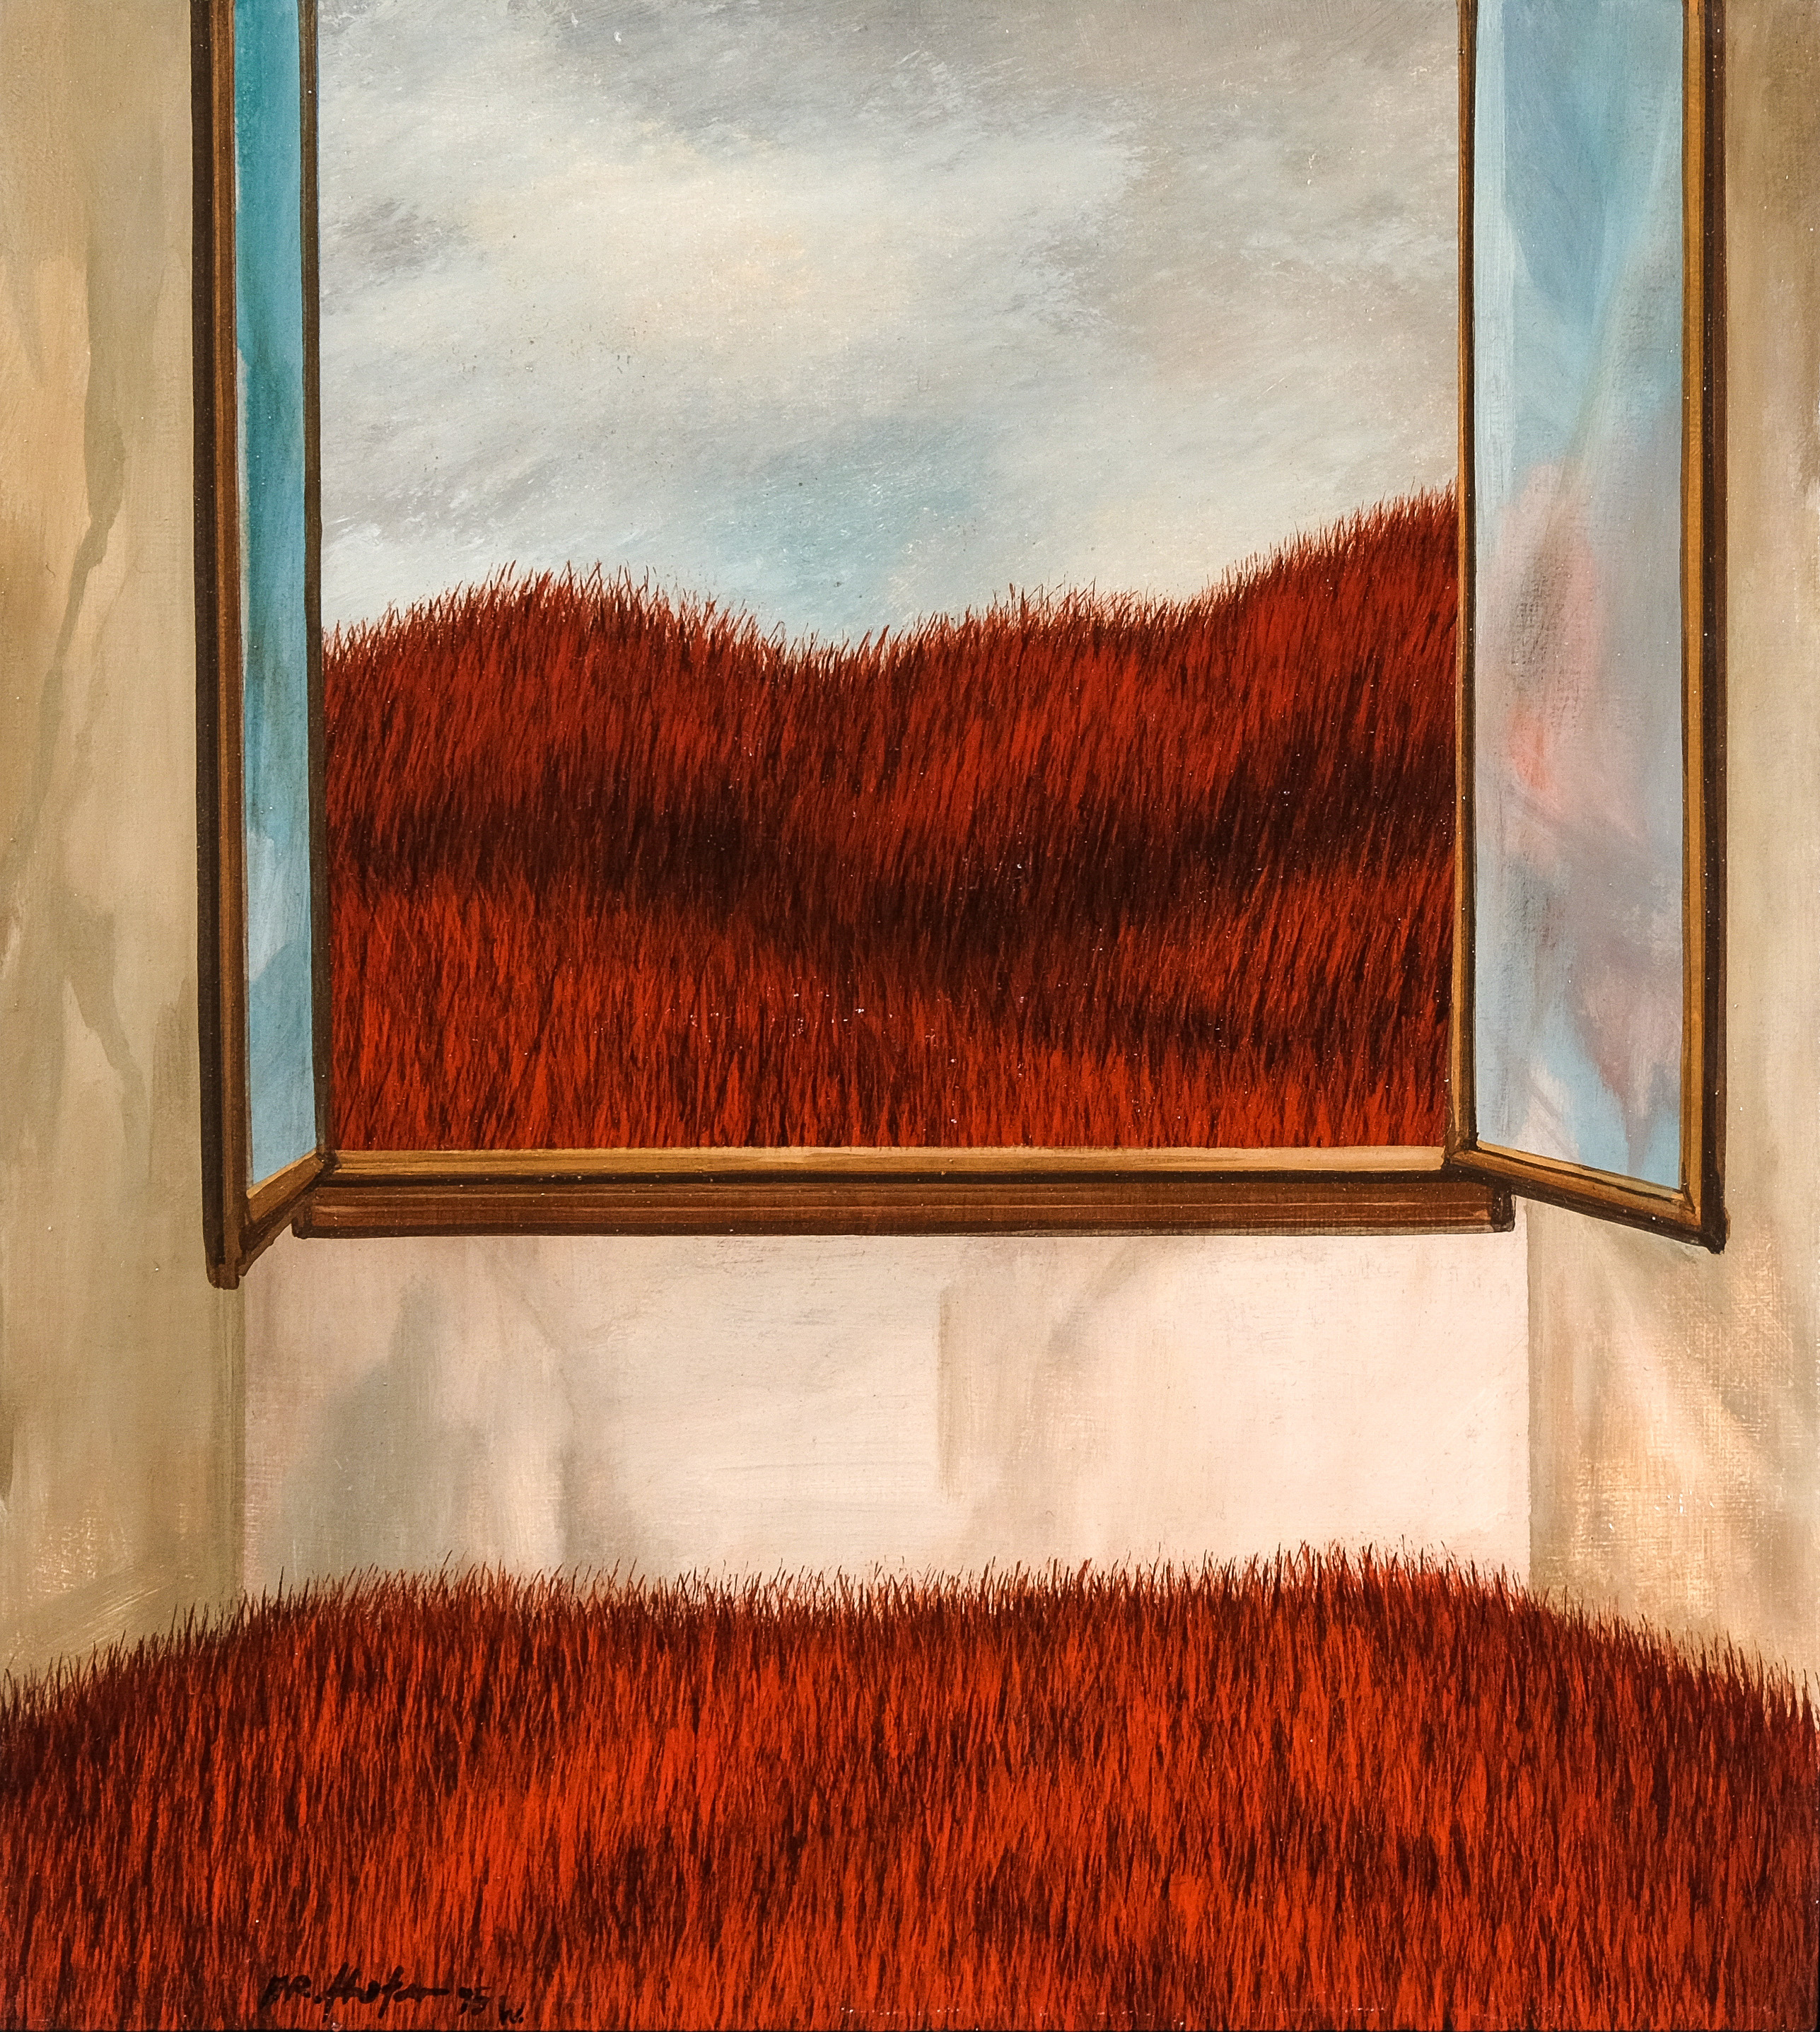 A. R. Hofer, Landschaft mit Fenster